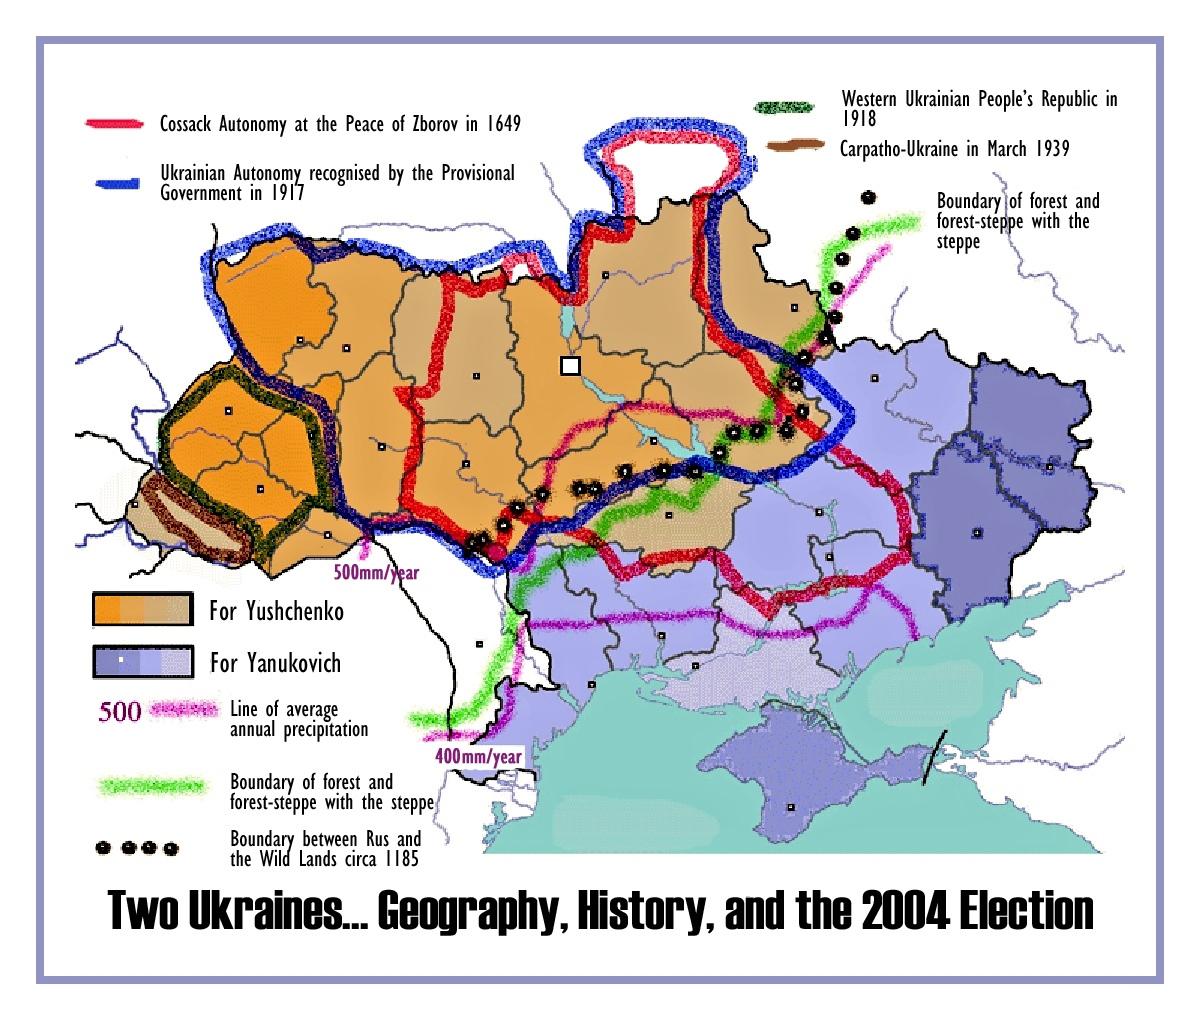 00 Yushchenko. Yanukovich. map. 04.06.14.